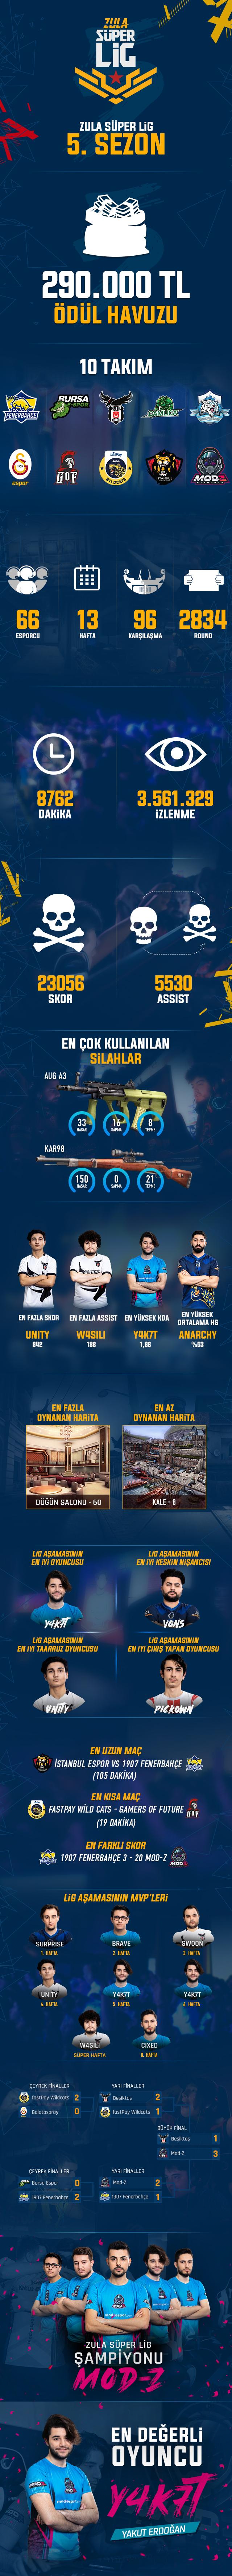 s-per-lig-sezon-5-nfografik-par-a